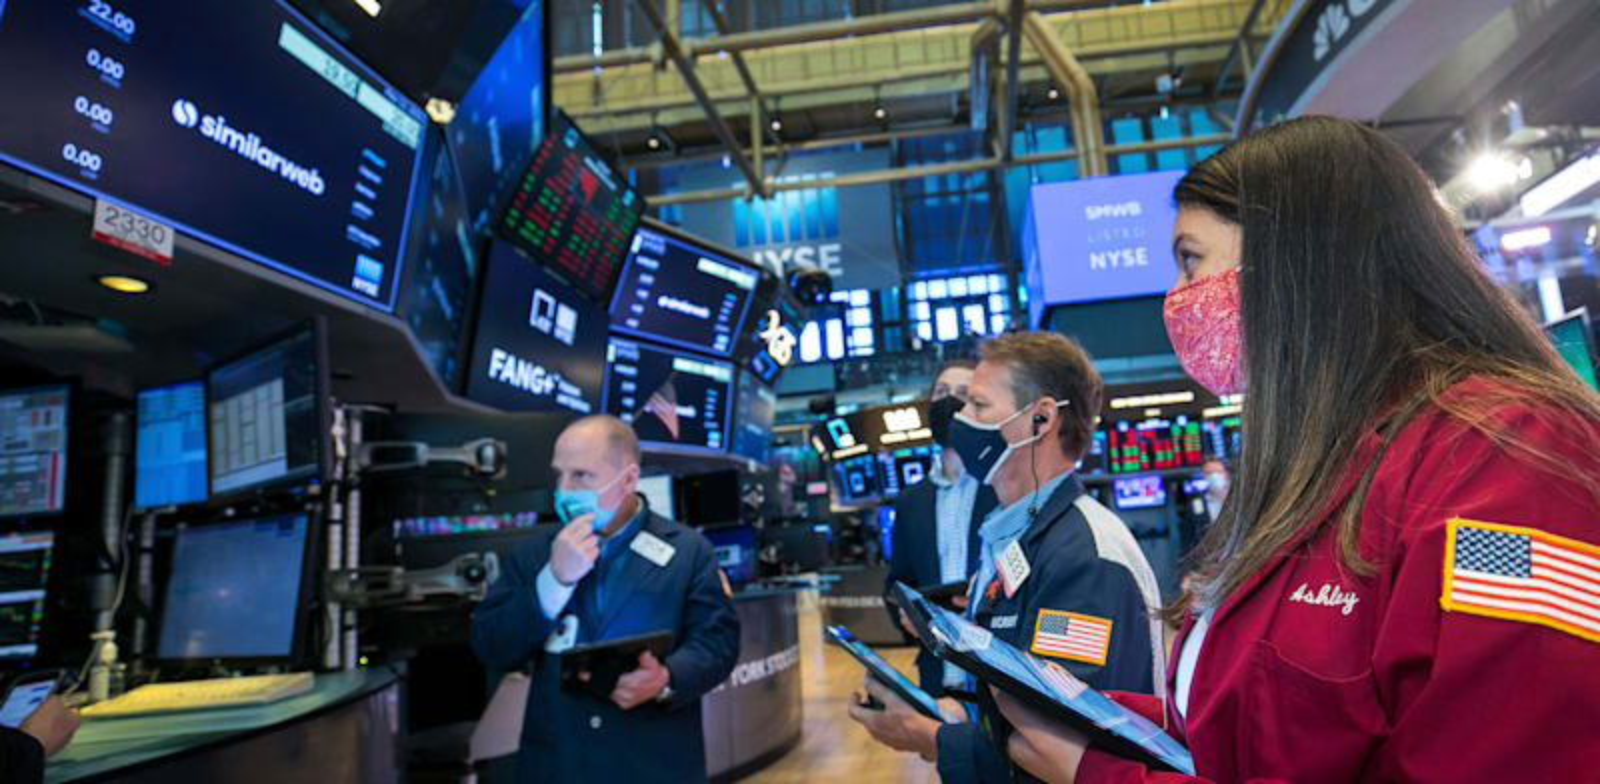 סוחרים בבורסת ניו יורק / צילום: Associated Press, Courtney Crow/New York Stock Exchange